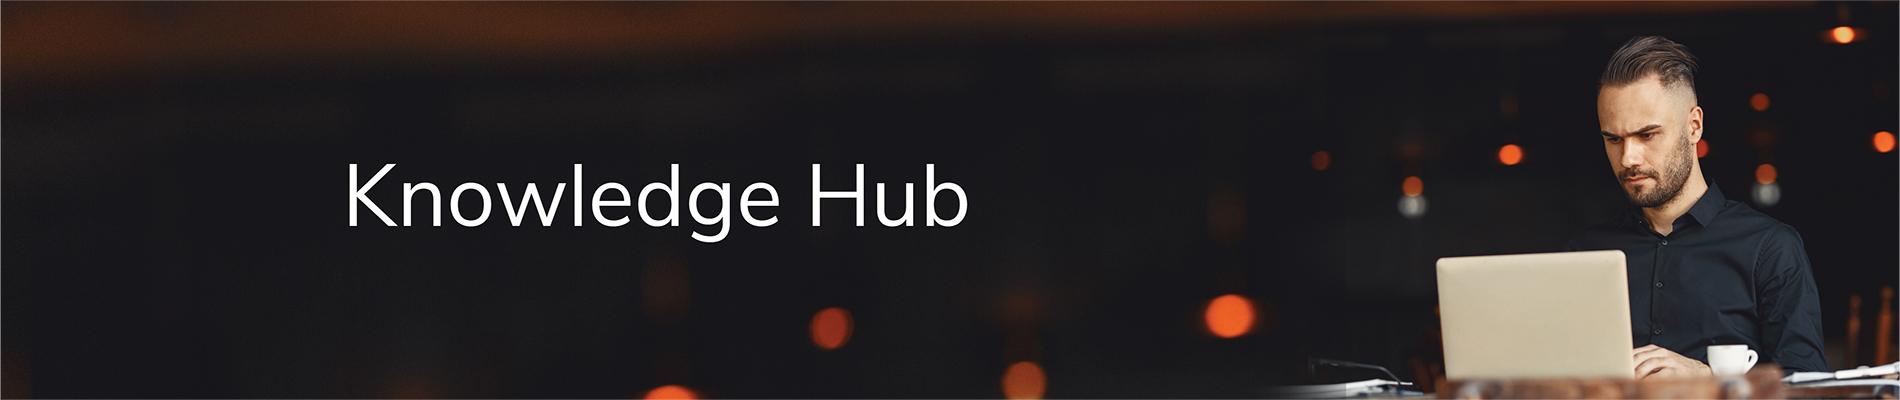 Knowledge Hub Dashboard